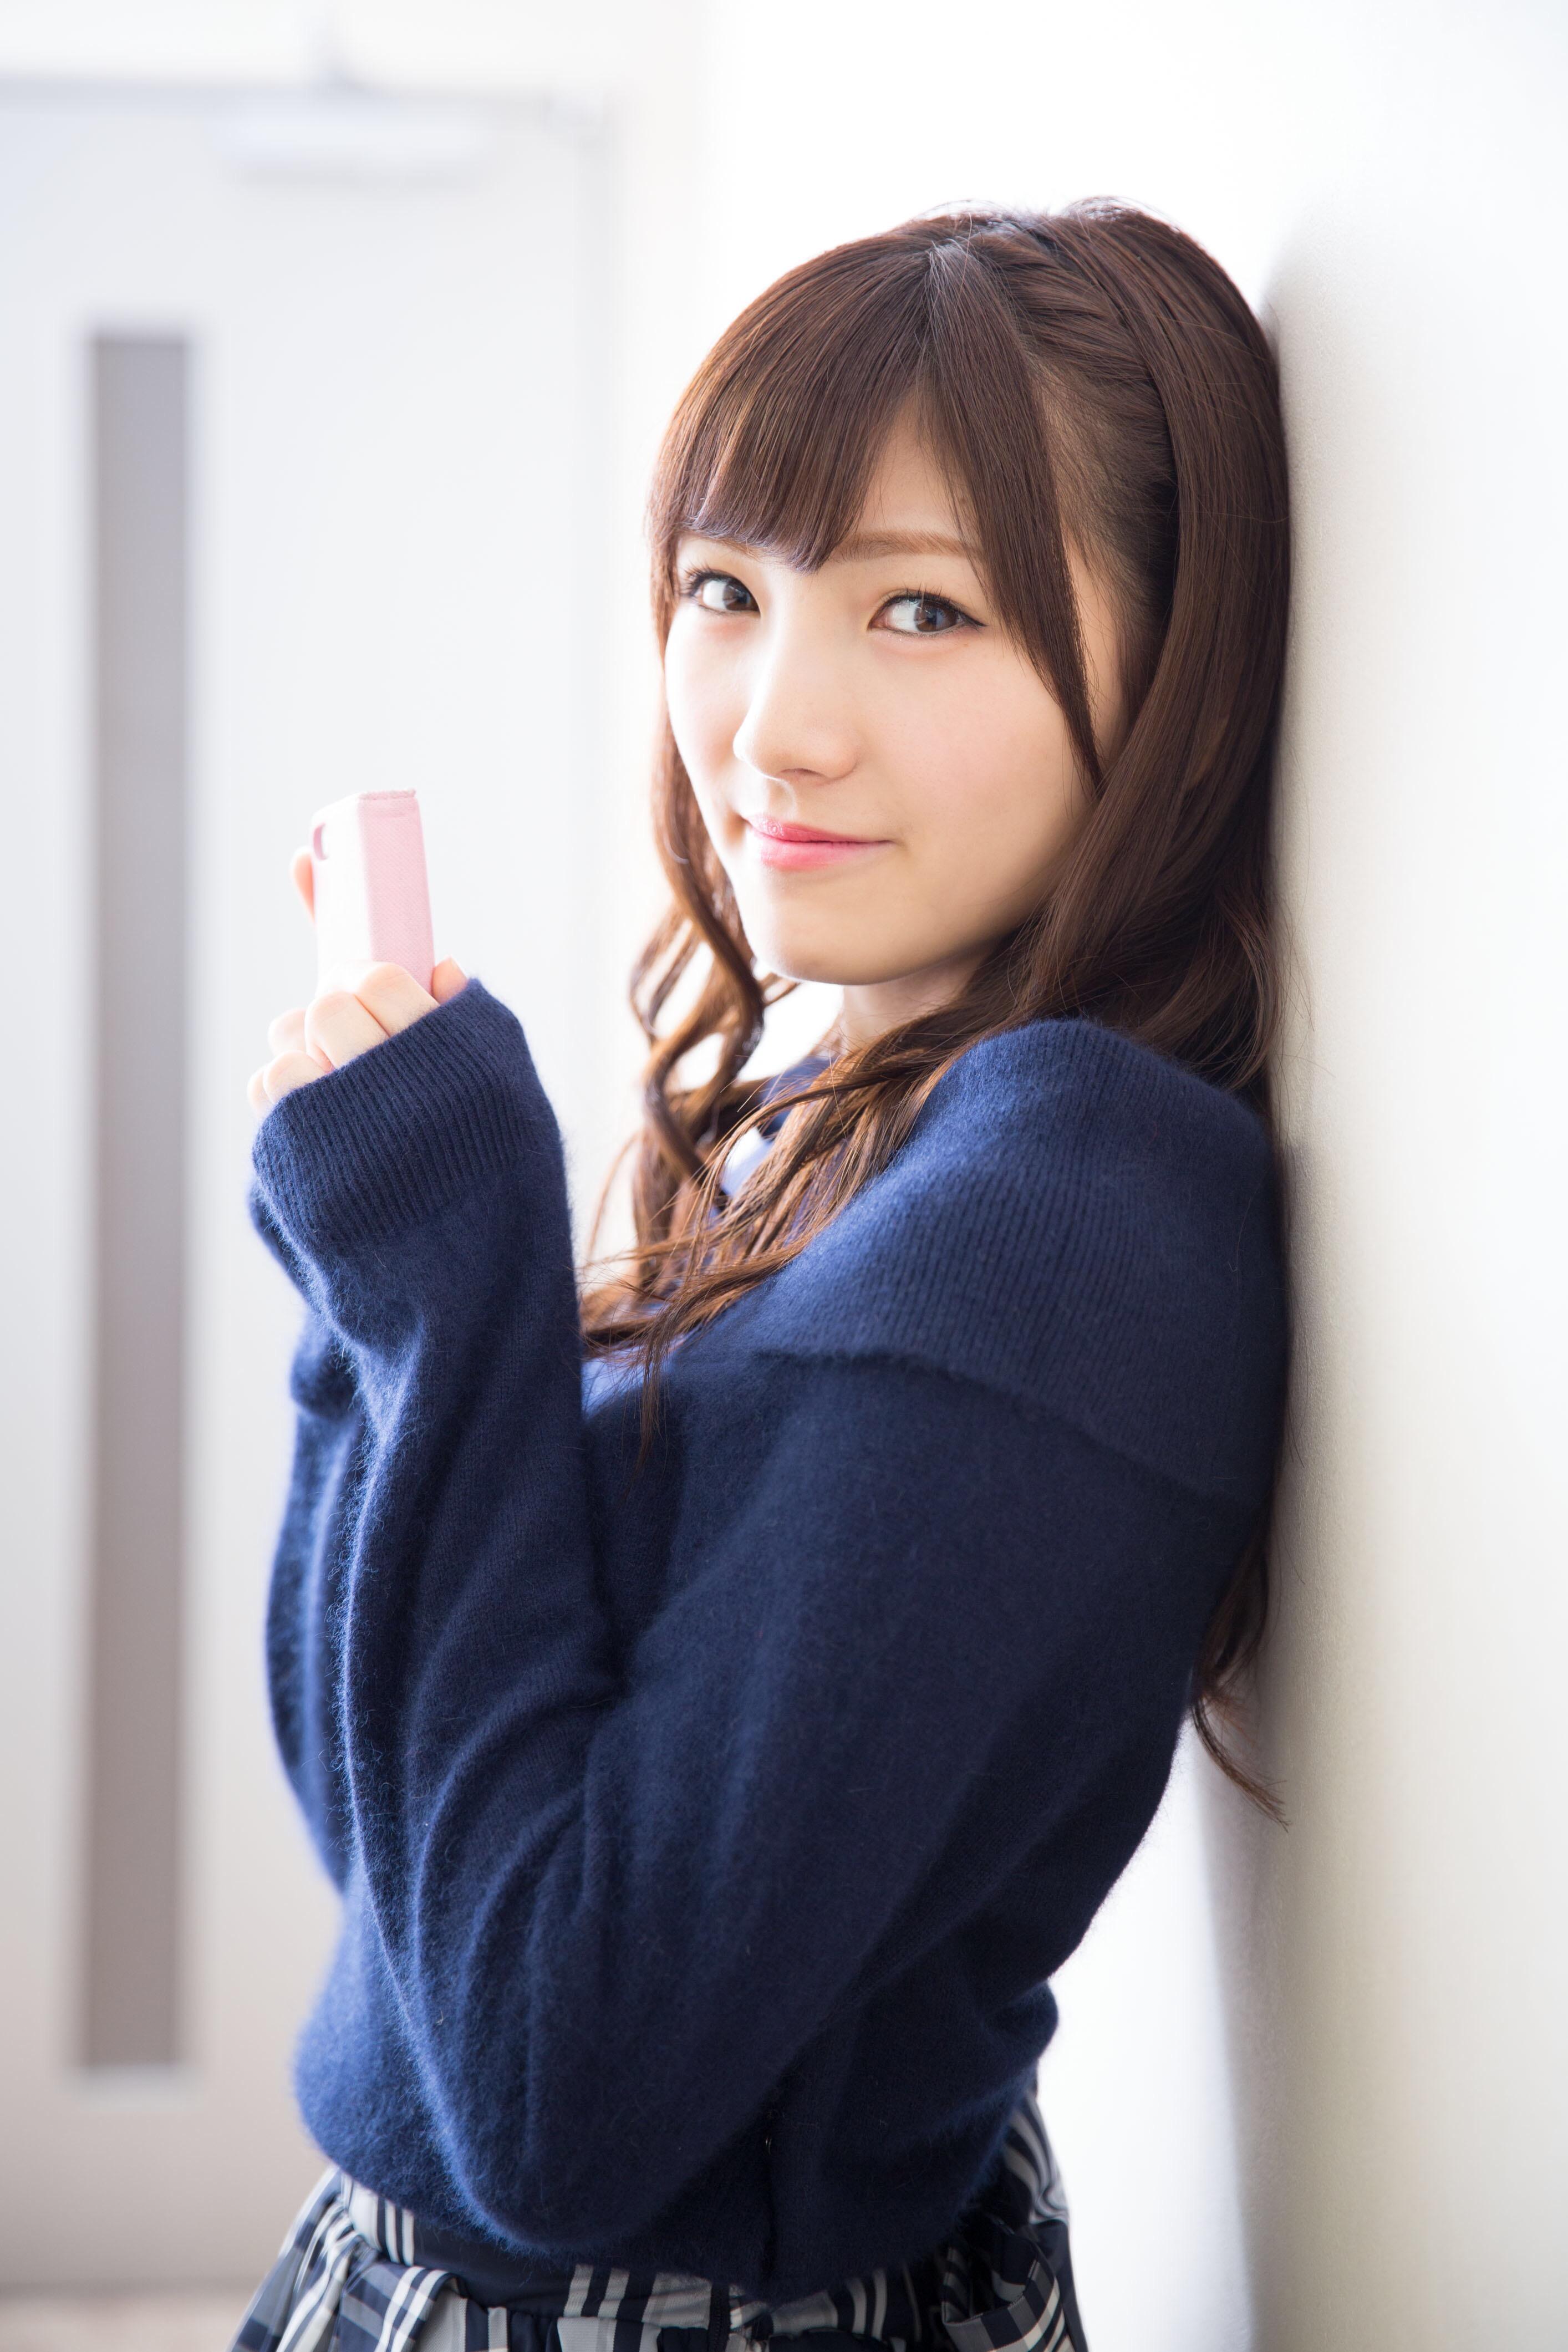 飯岡かなこ [img]http://livedoor.blogimg.jp/chikakb/imgs